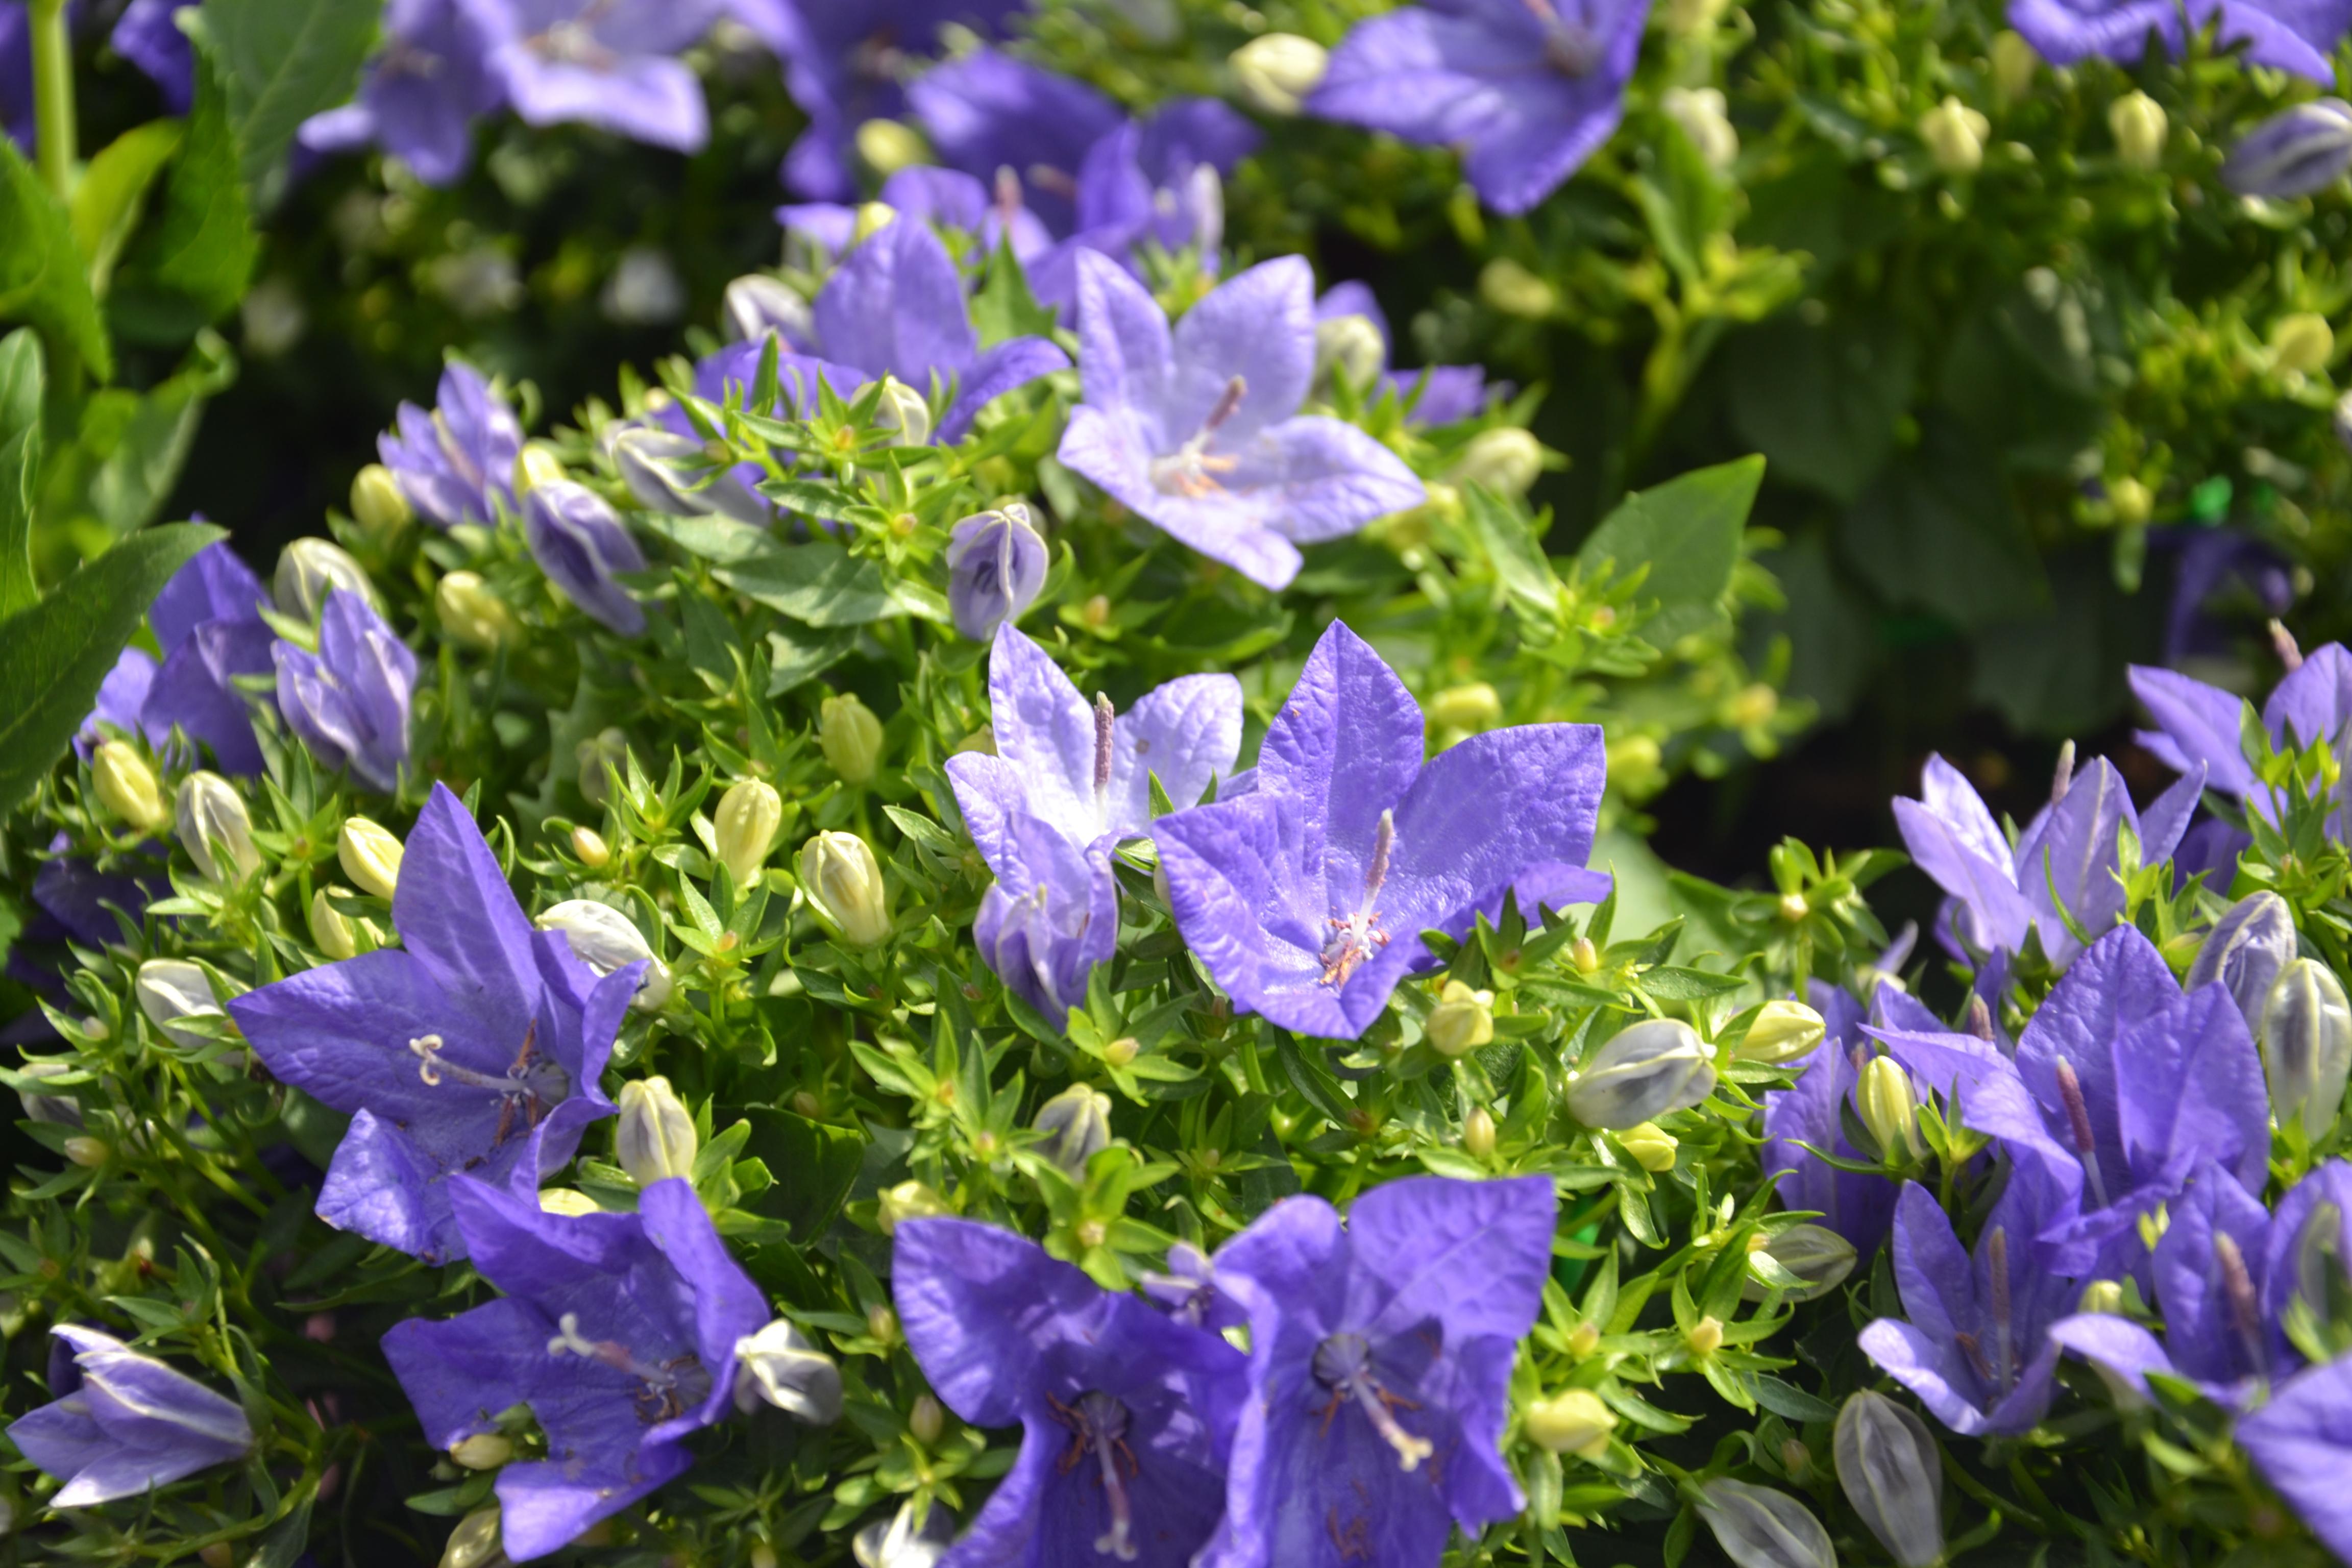 Glockenblume (Campanula) Die Glockenblume kommt in sehr vielen Größen und Gestalten vor. Sie eignet sich hervorragend als Bodendecker, für Stein- oder Wildgärten. Glockenblumen sind hübsch, robust und pflegeleicht. Sie blühen über einen langen Zeitraum hinweg.